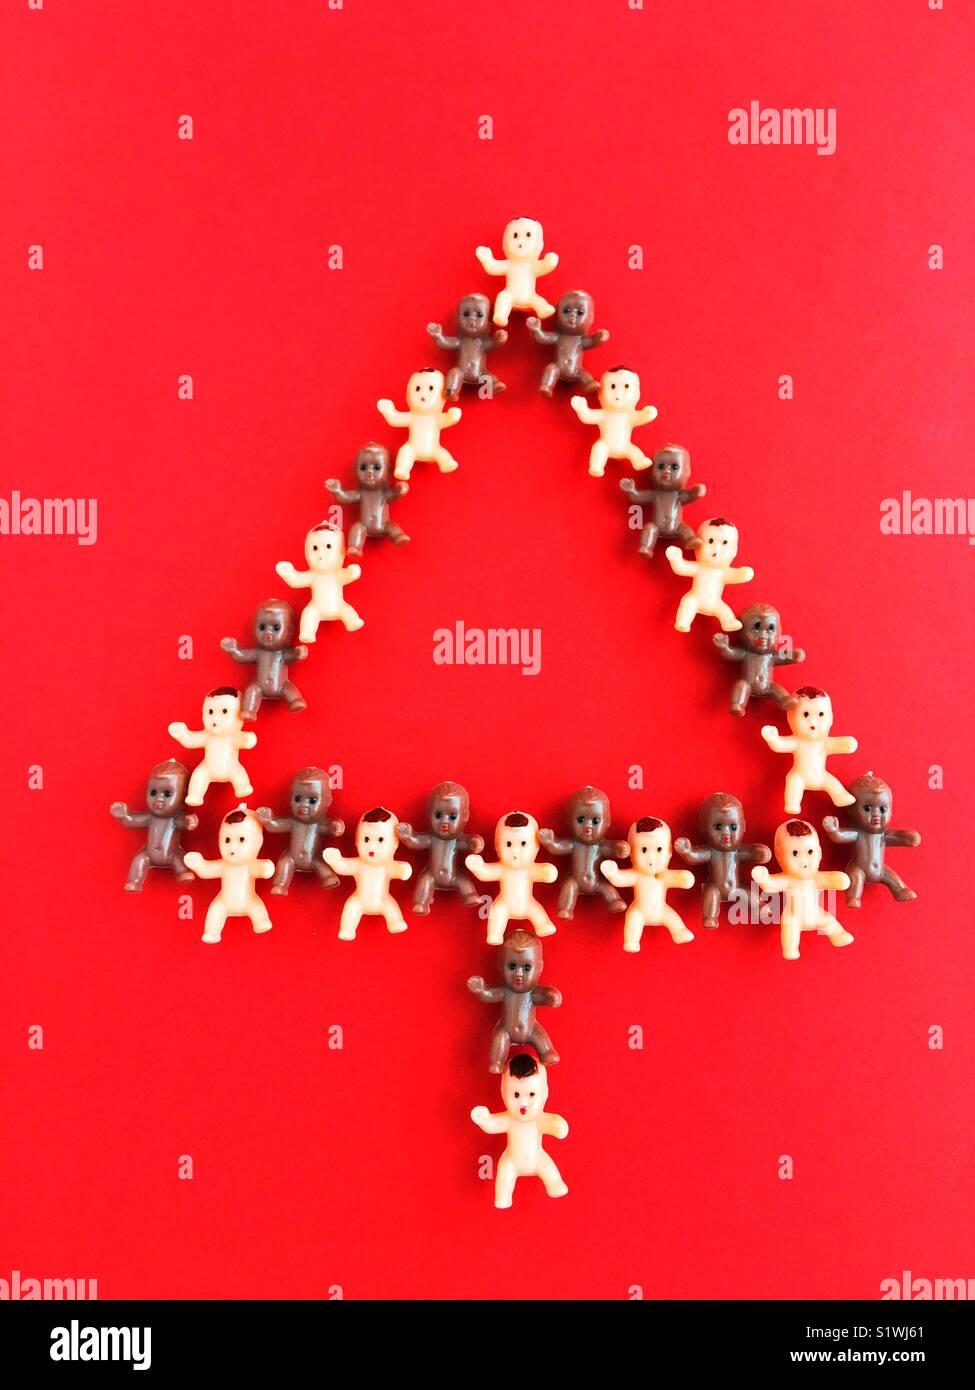 En plastique minuscules baby dolls la forme d'un arbre de Noël. Banque D'Images